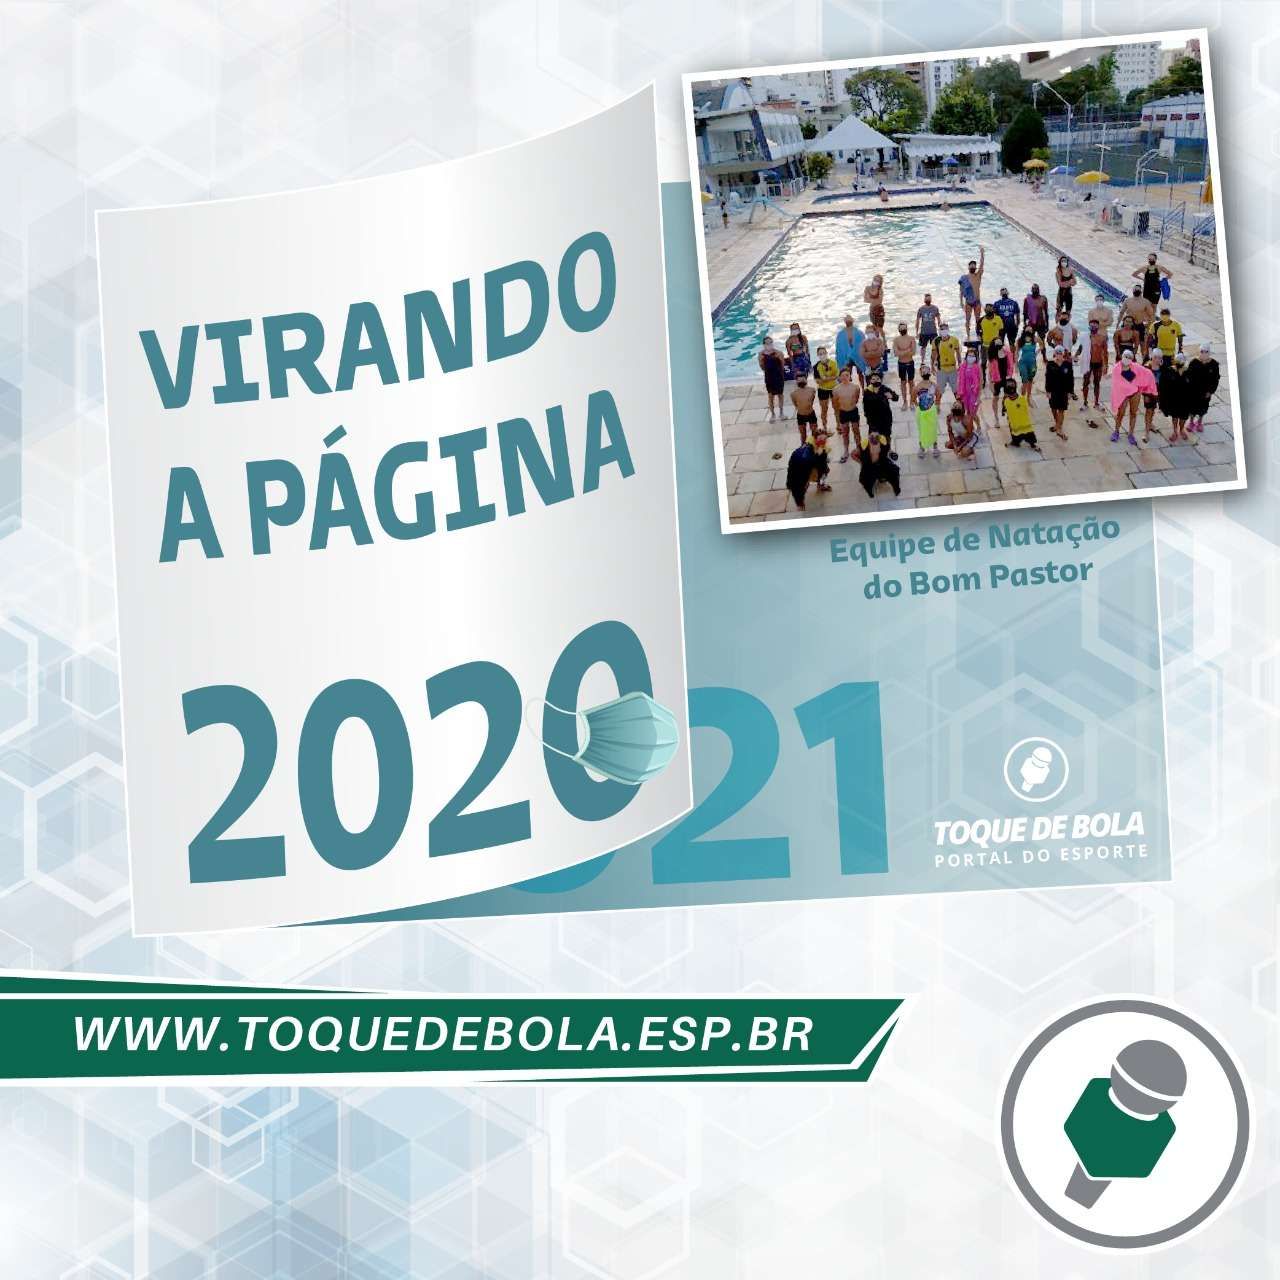 Natação do Bom Pastor: paciência e foco são estratégias para 2021